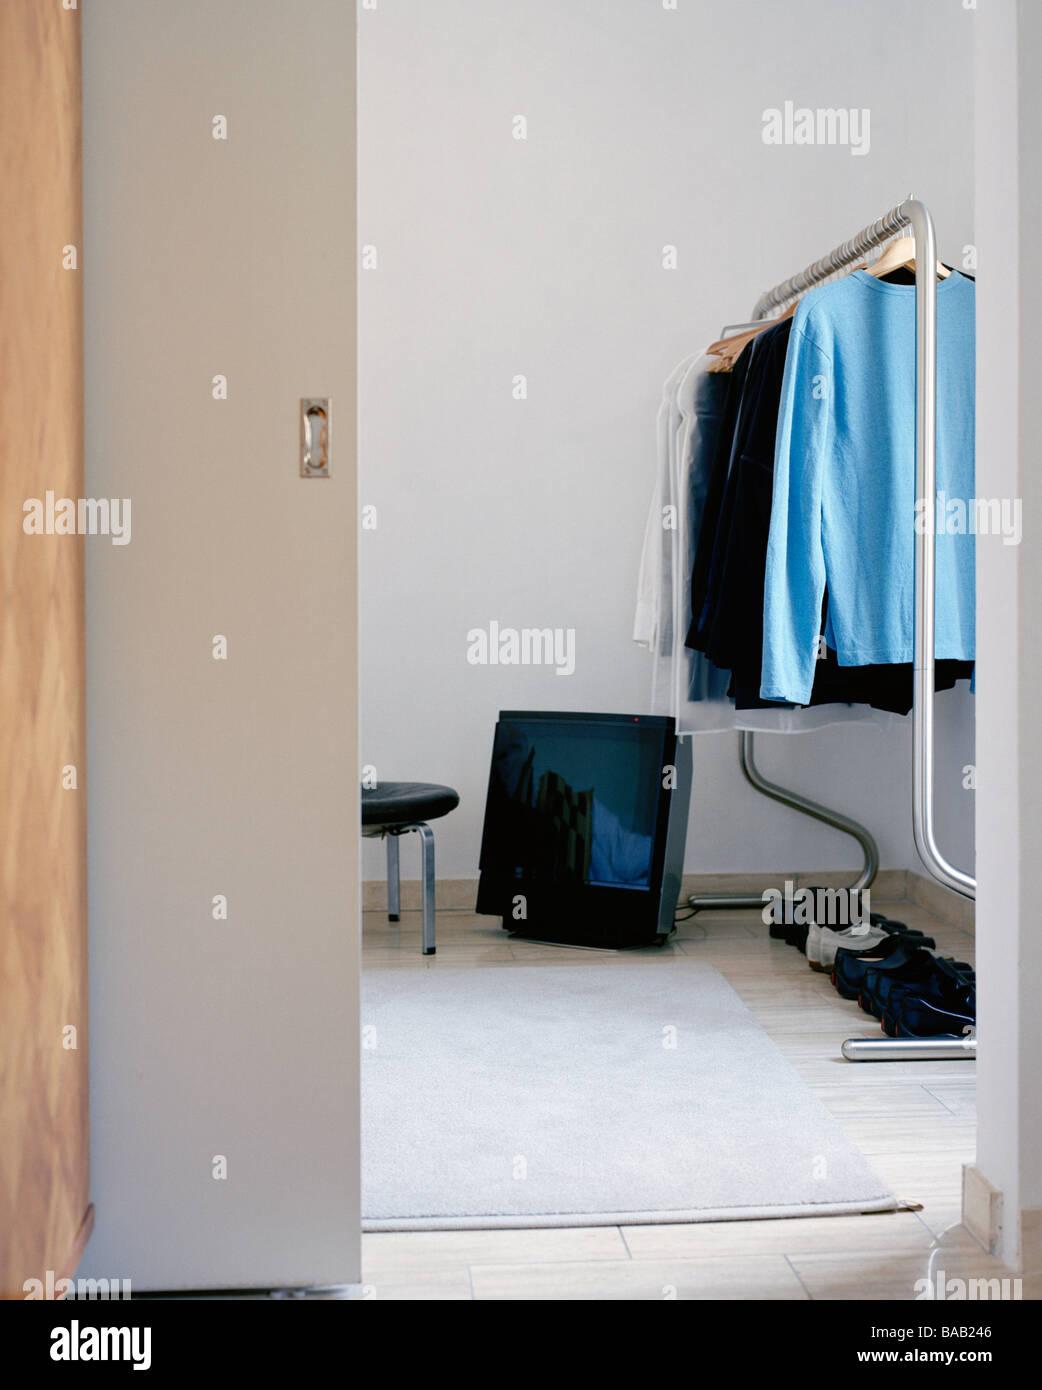 Fesselnde Fernseher Für Schlafzimmer Dekoration Von Ein Auf Dem Boden Im Schlafzimmer, Schweden.